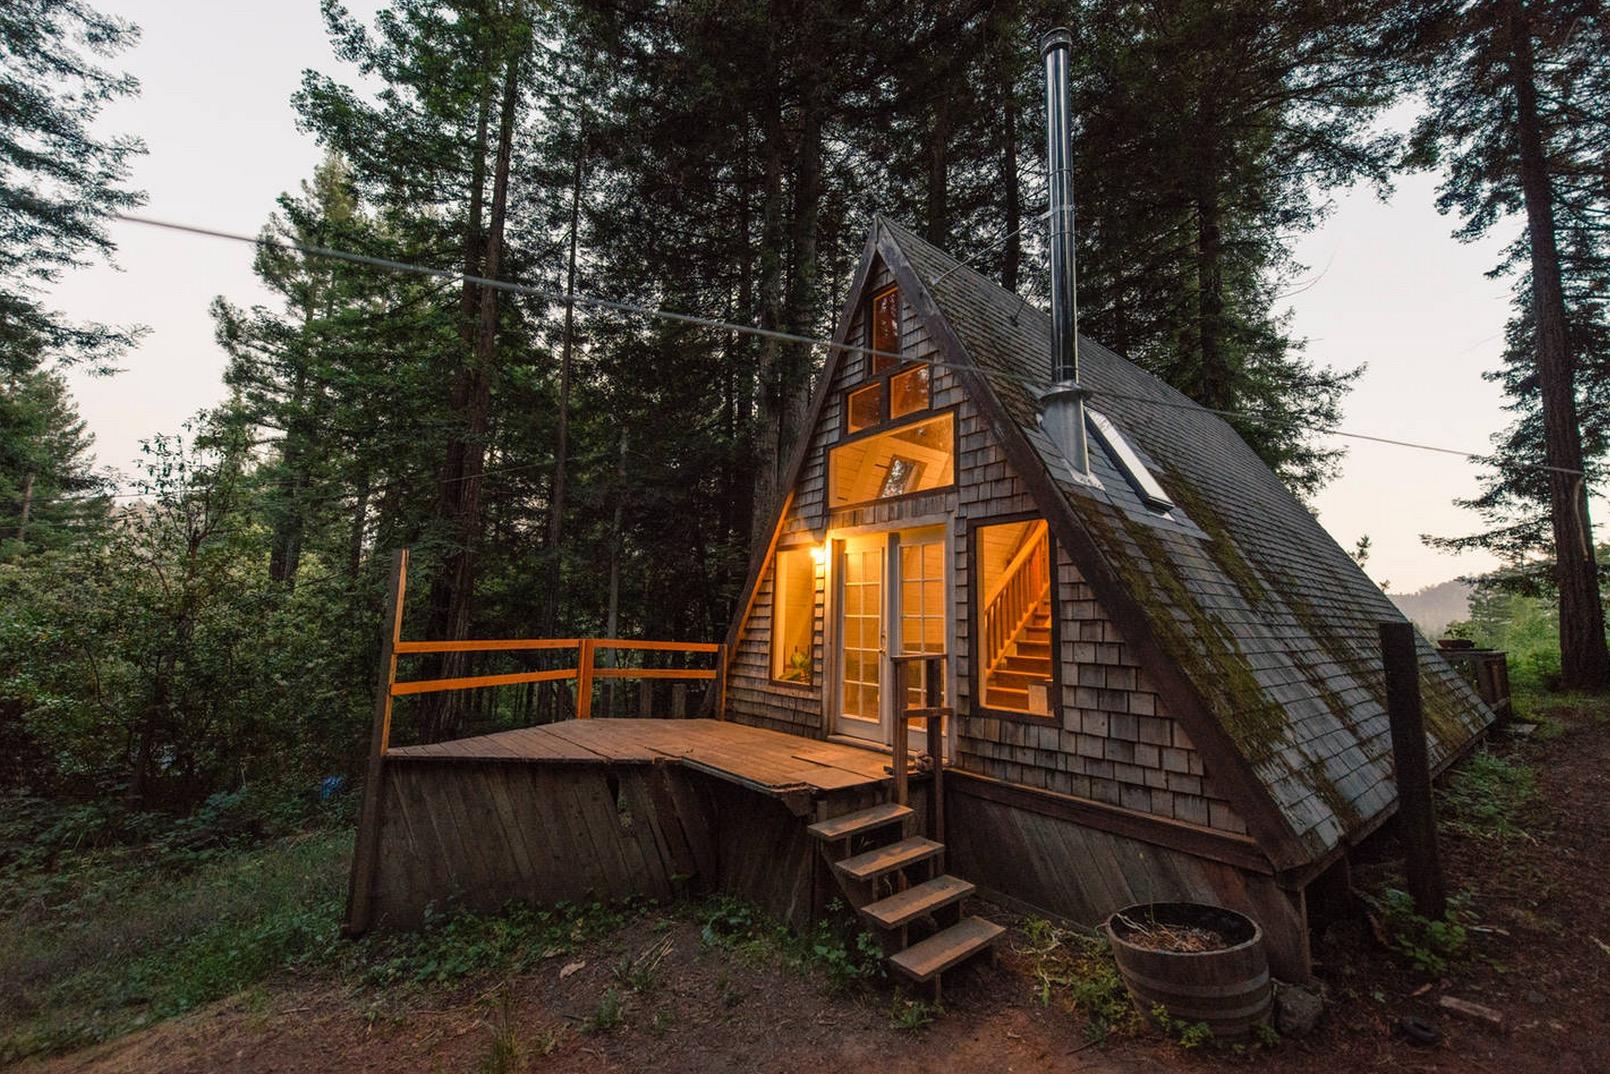 Cabin-Redwoods-Joli-Joli-Design-Cabine-01